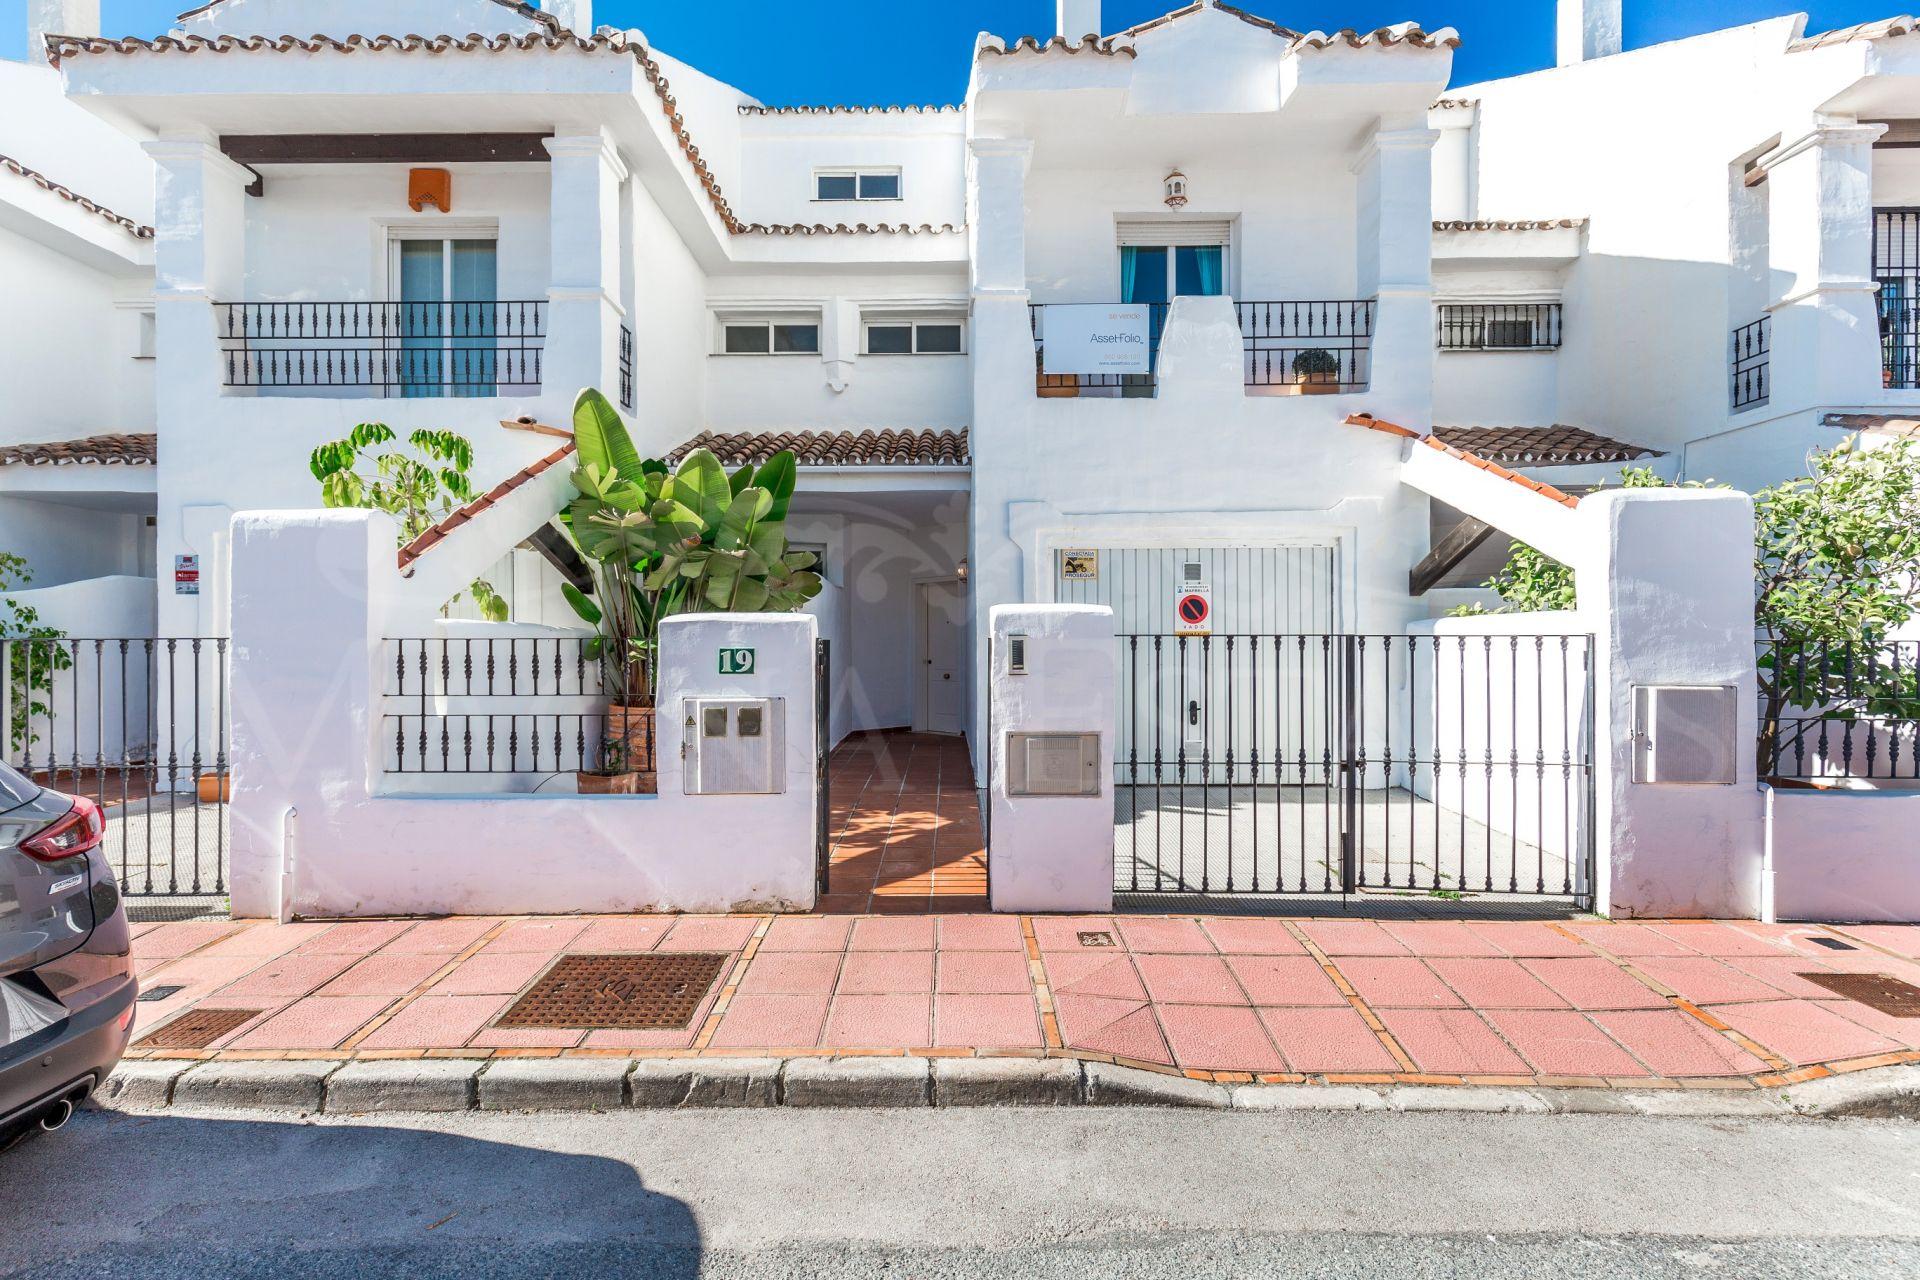 Townhouse in Los Naranjos de Marbella, next to Puerto Banús